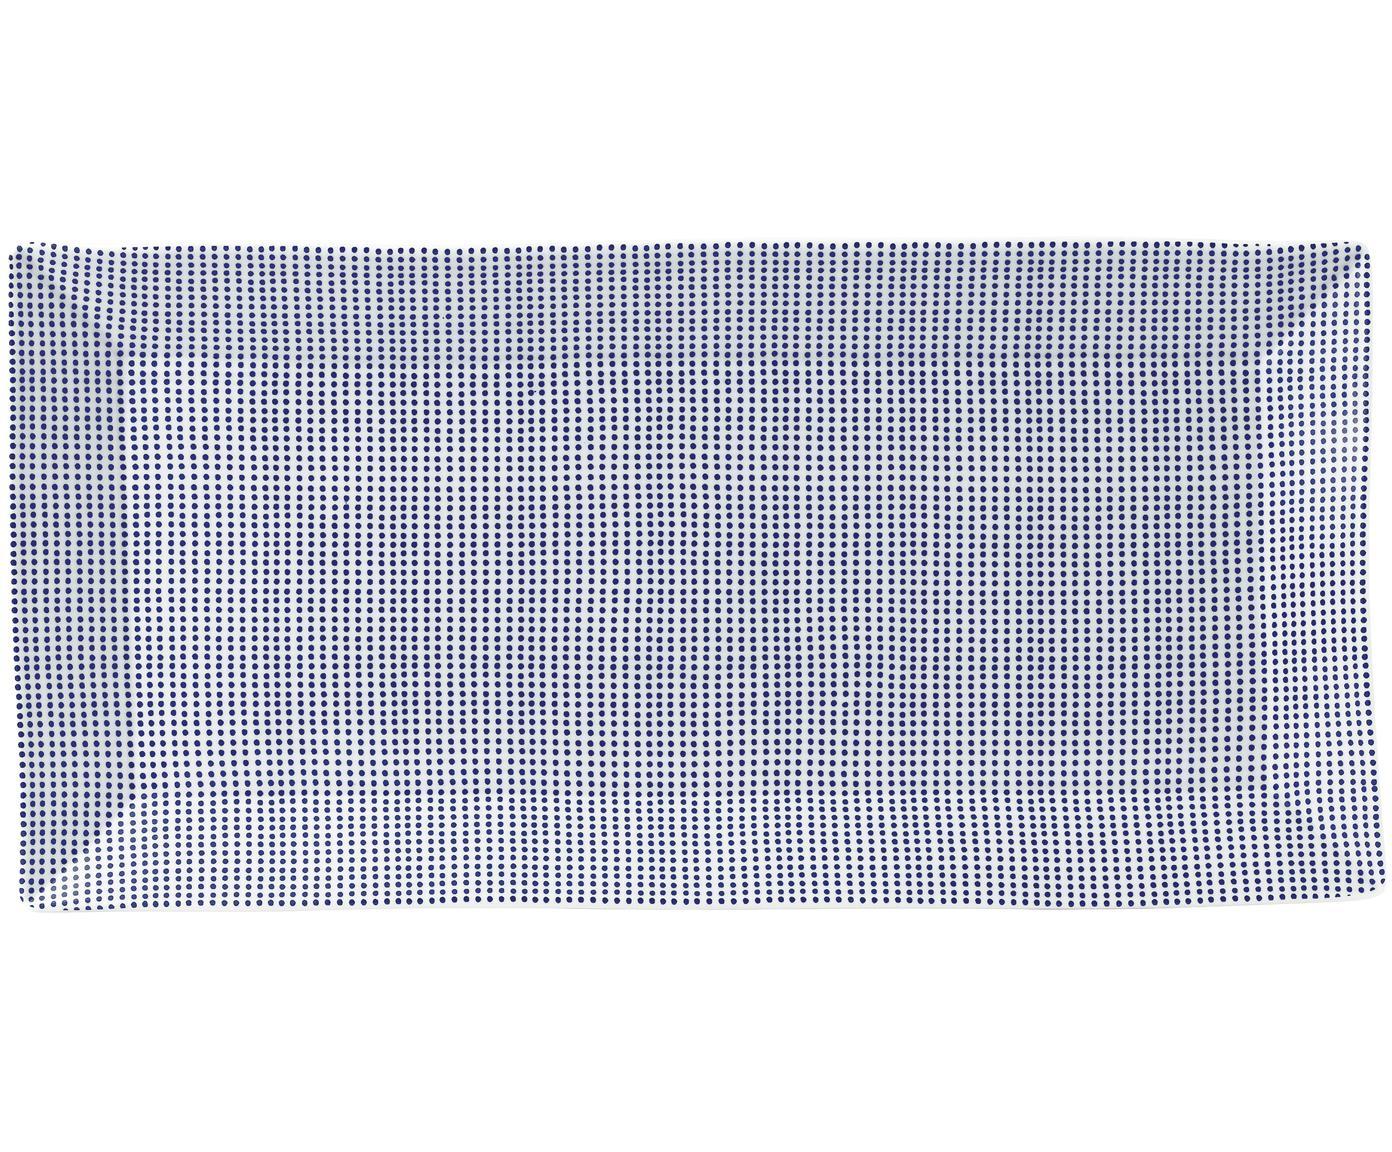 Gemusterte Porzellan-Servierplatte Pacific, Porzellan, Weiß, Blau, 18 x 39 cm